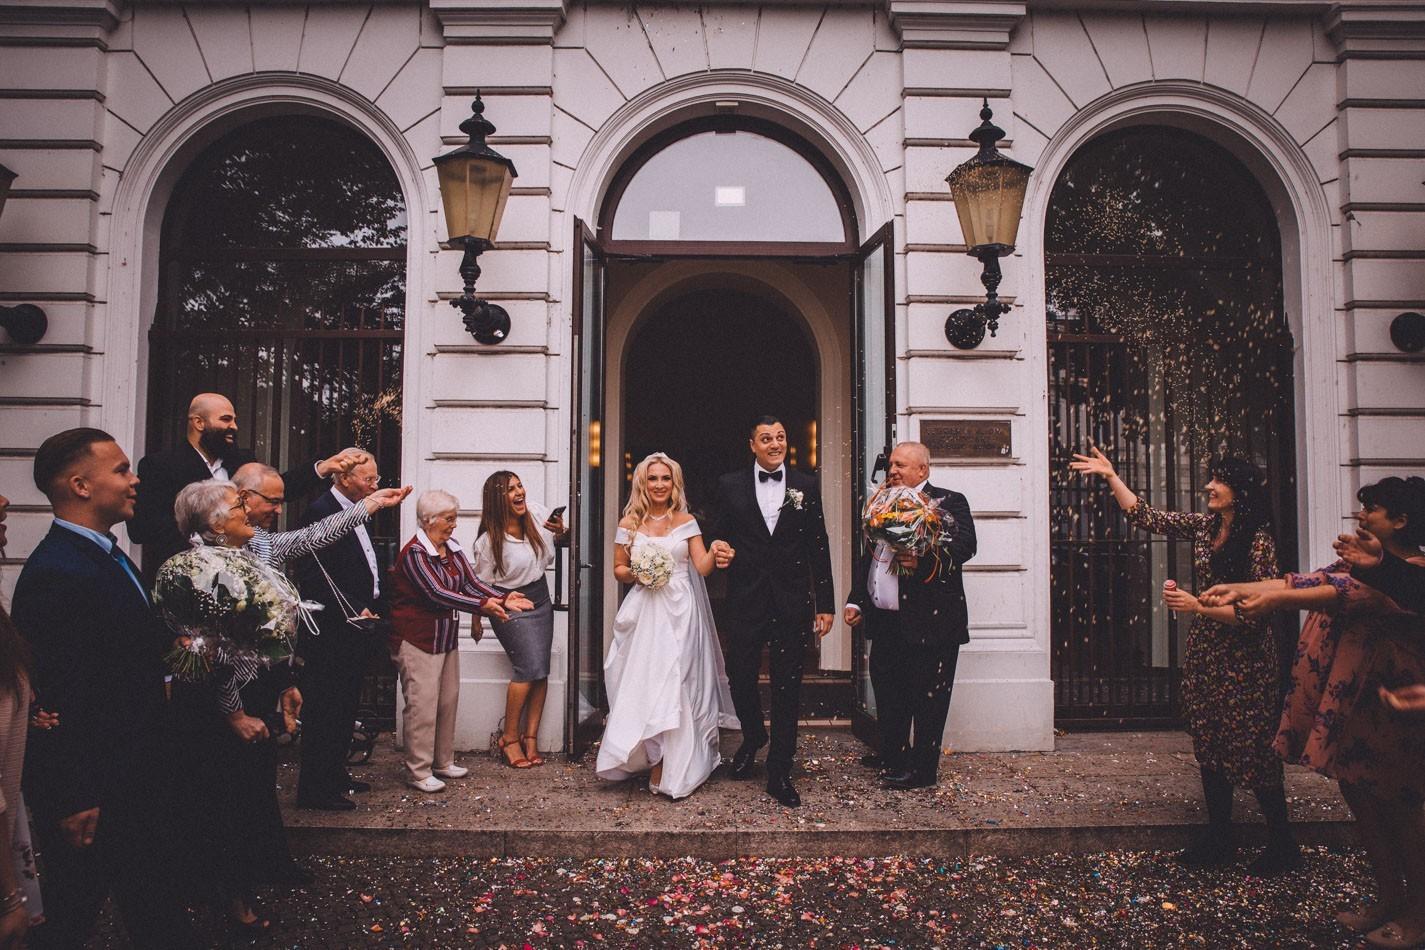 Hochzeit in Altonaer Rathaus feiern